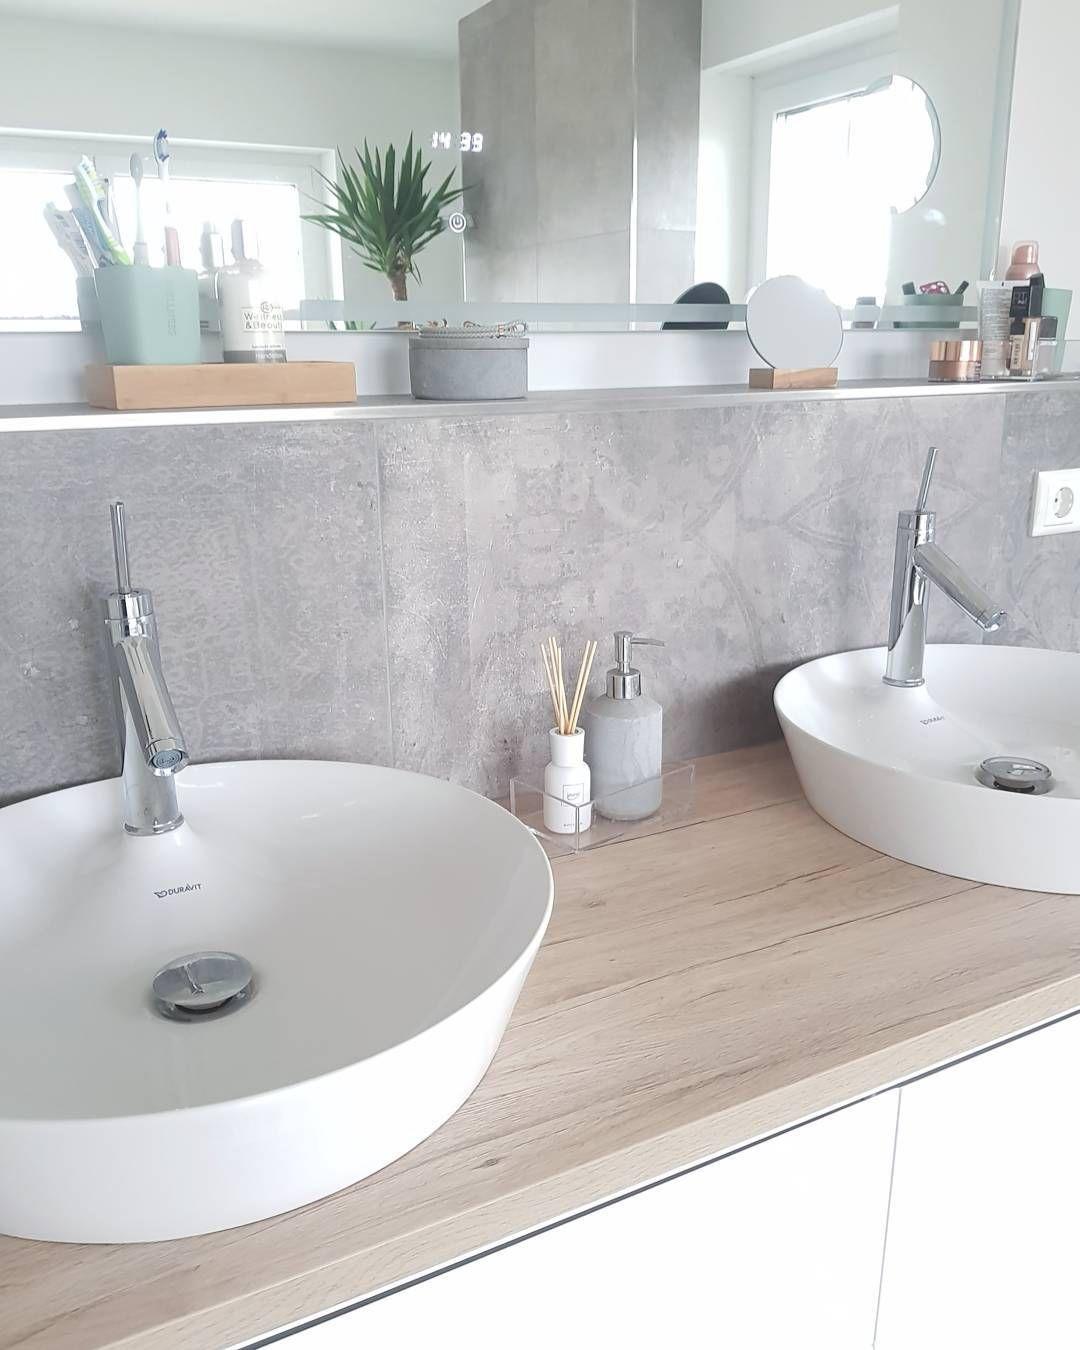 """Selina on Instagram: """"Guten Morgen und einen guten Start in die Woche 🙋♀️ #bathroomdesign #bathroom #masterbathroom #waschtischplatte #waschtisch…"""""""